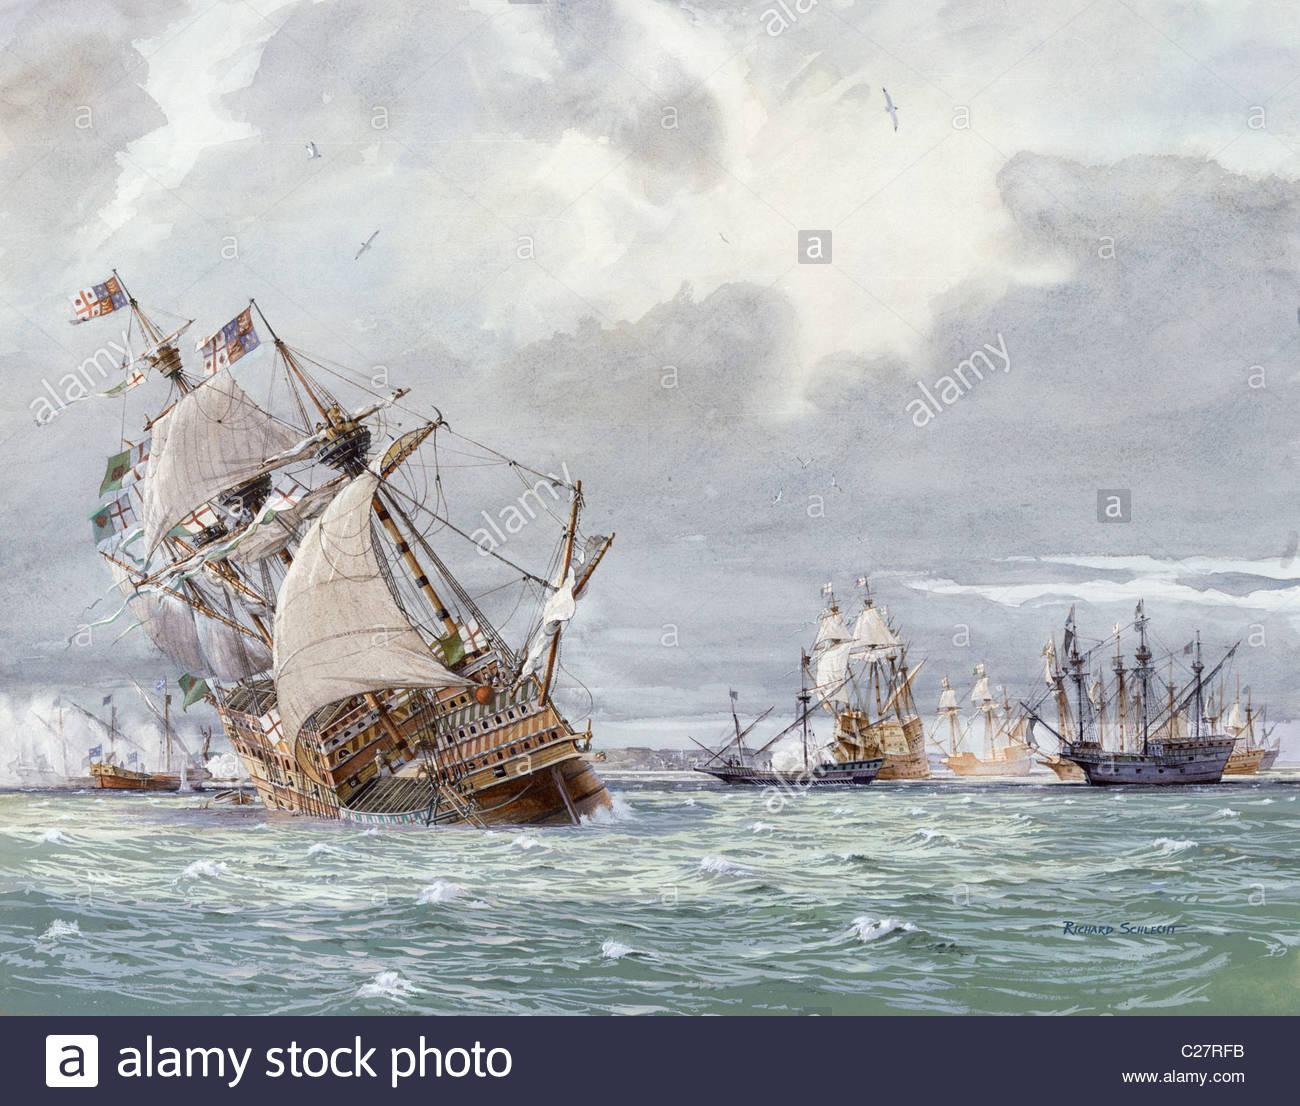 Pittura di olio del naufragio della H.M.S. Mary Rose. Immagini Stock